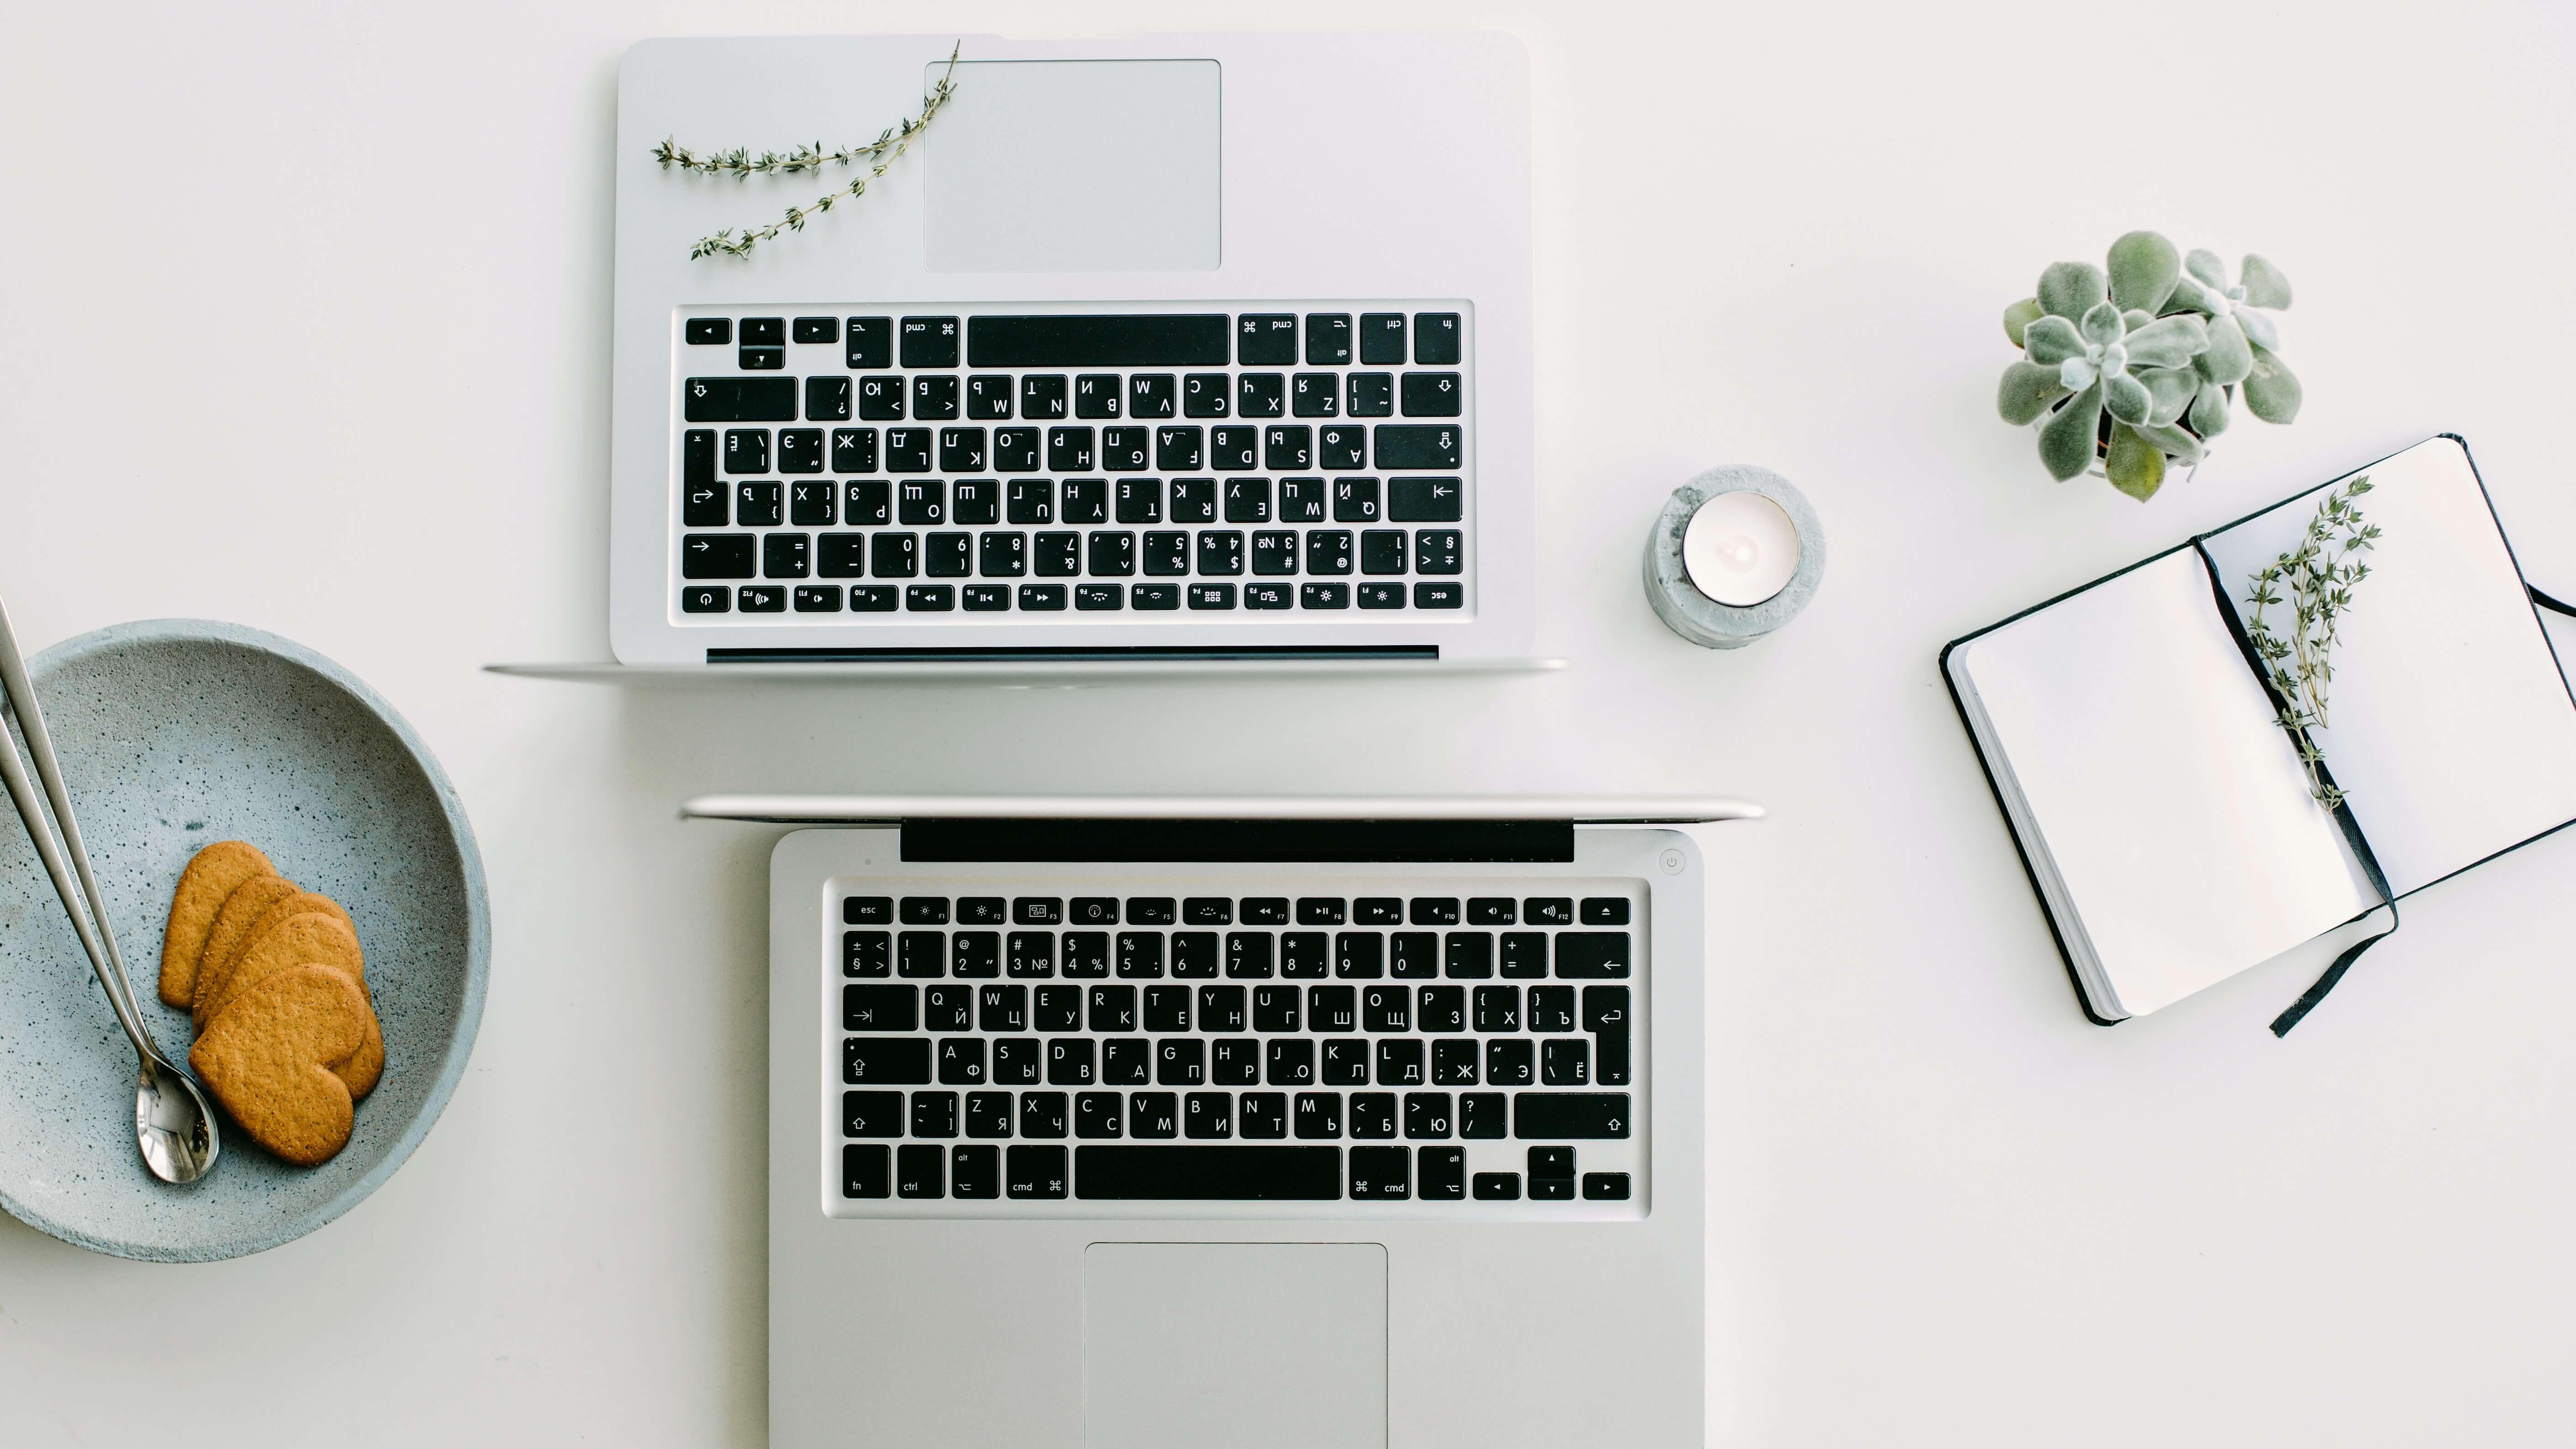 5 Things You Must Consider Before Choosing a Website Platform